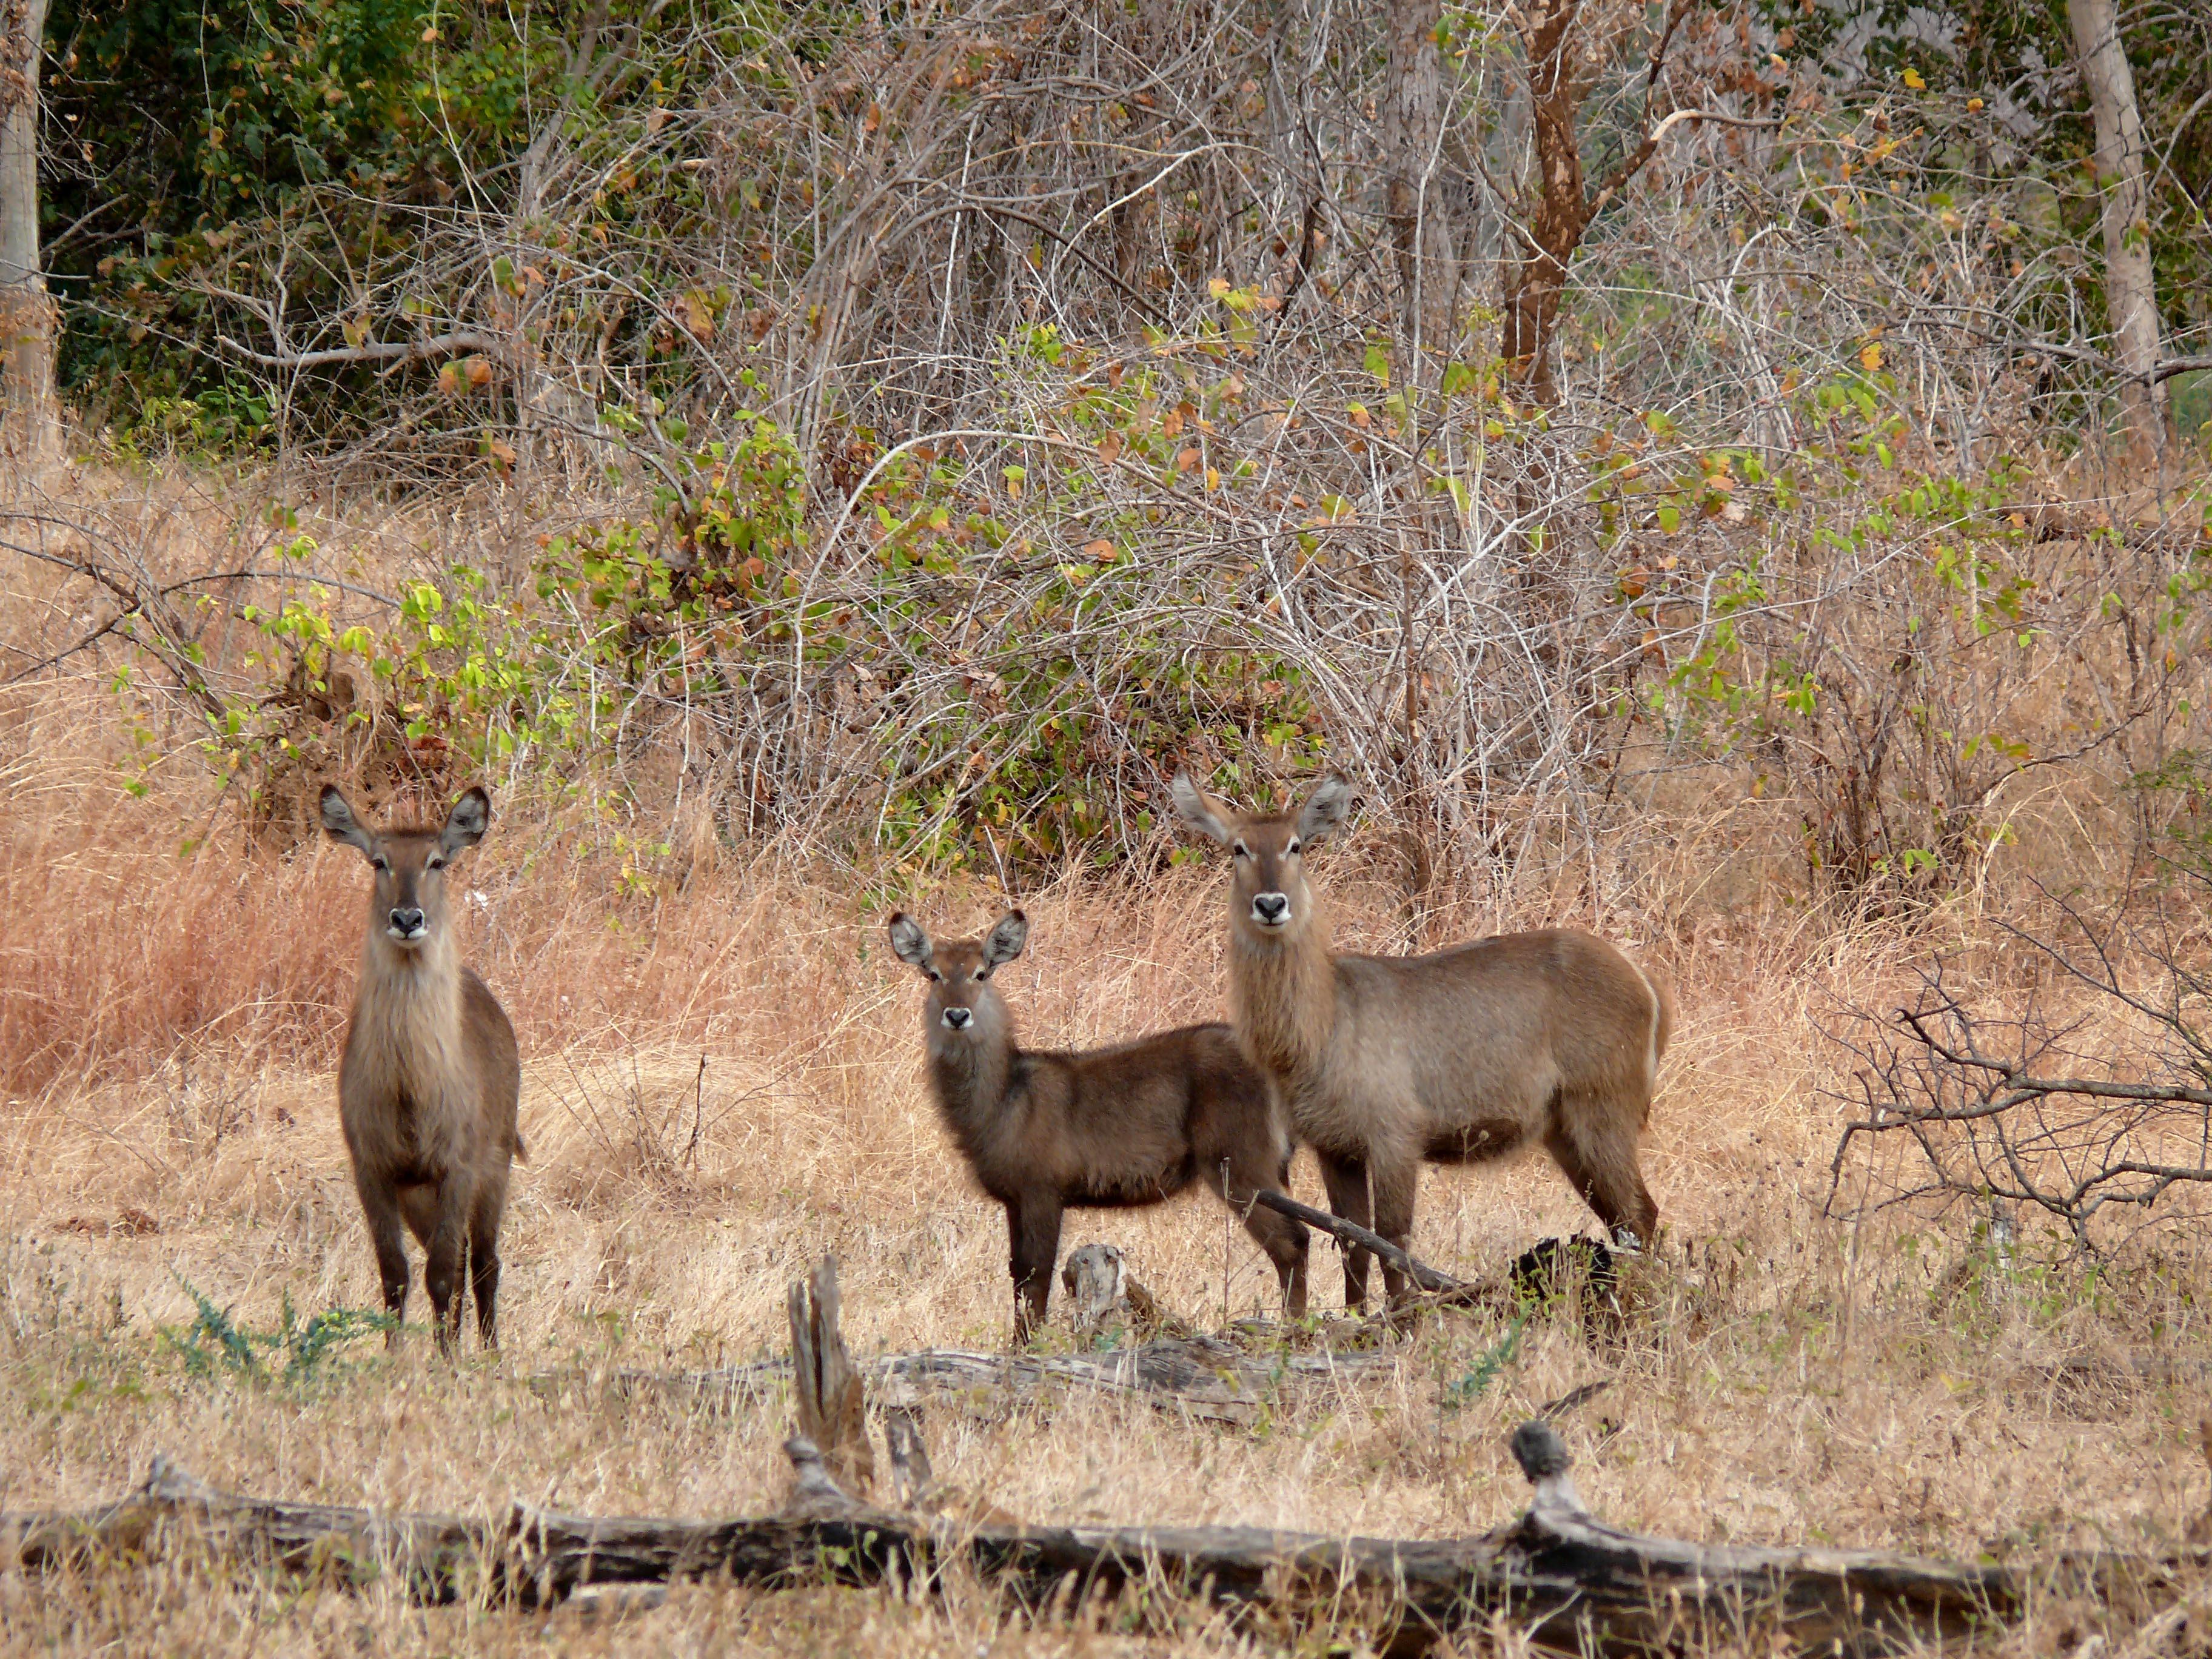 Wasserböcke im Lugenda Reserve tz. jpg